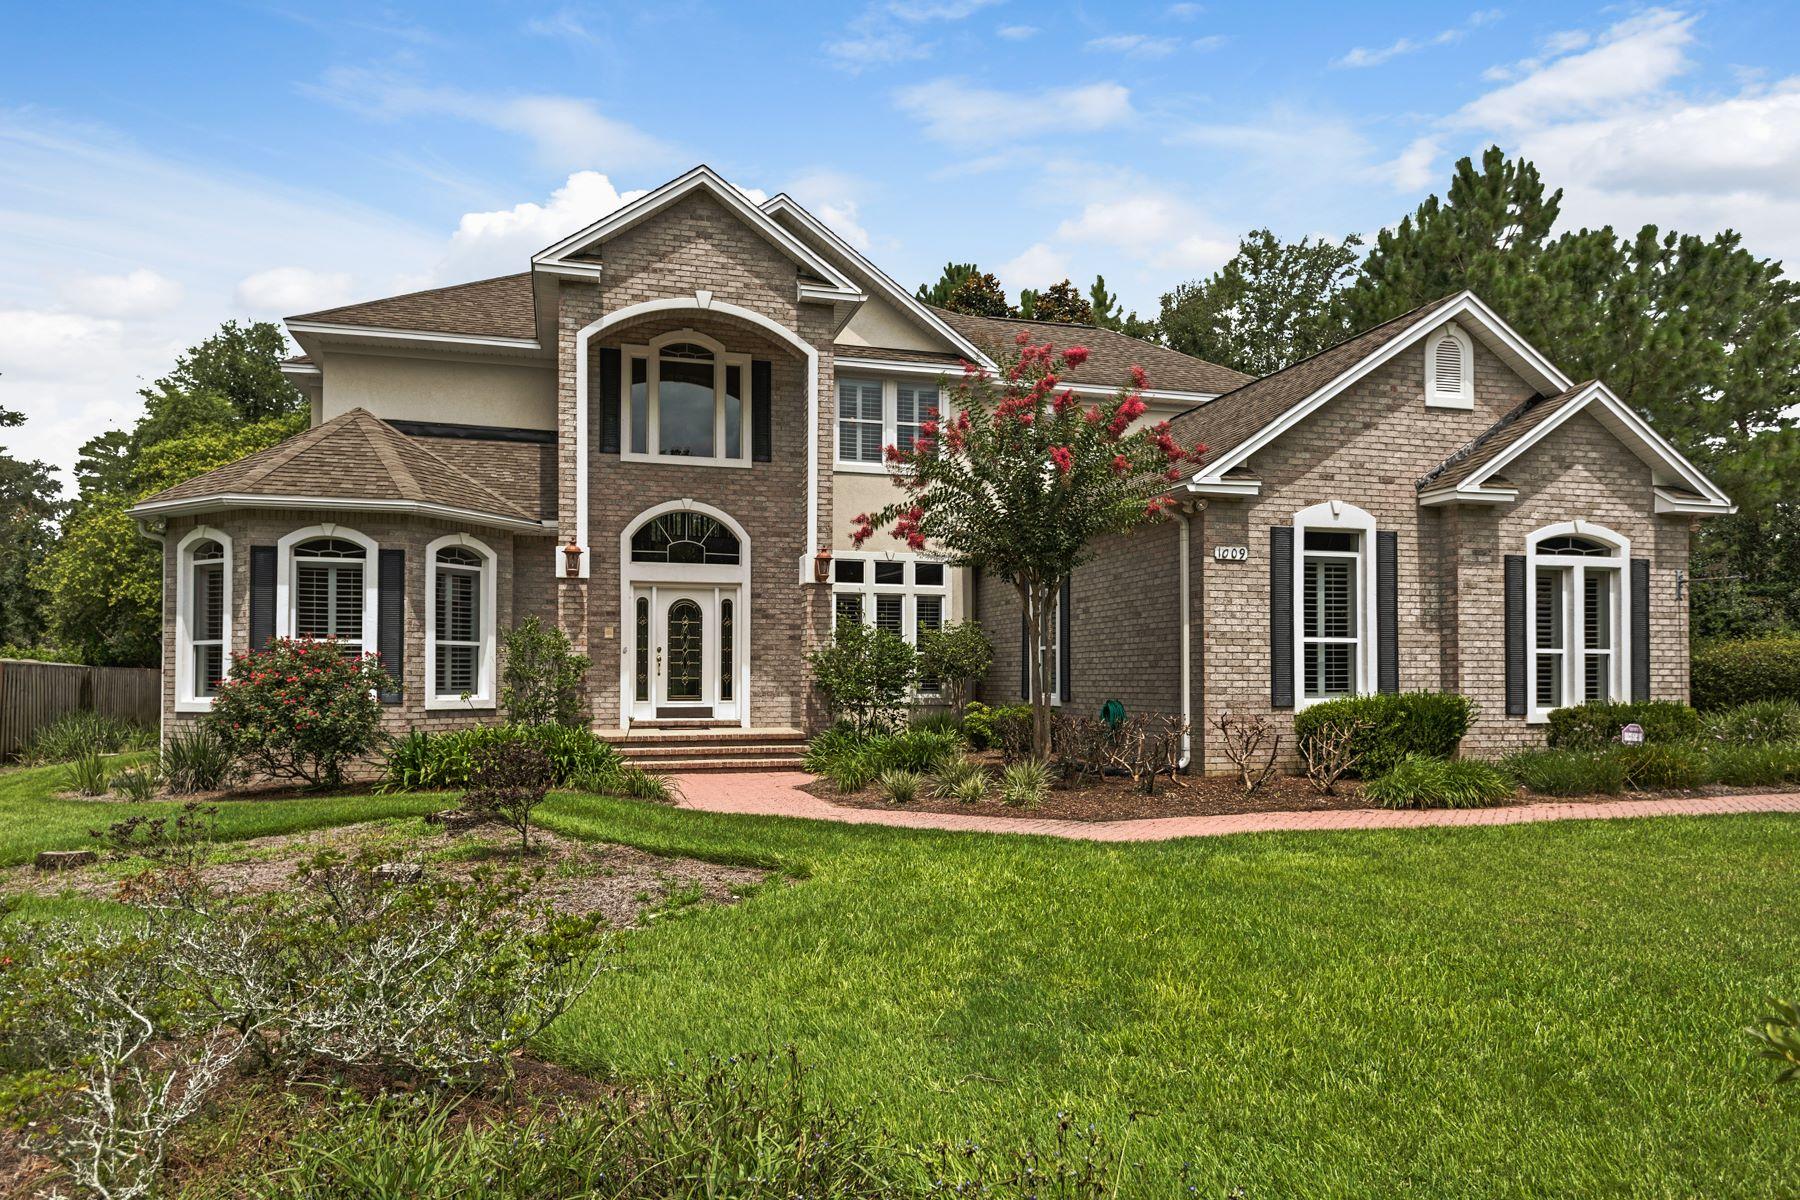 Casa para uma família para Venda às SPACIOUS AND THOUGHTFULLY DESIGNED HOME WITH AMENITIES 1009 Crooked Creek Cove Niceville, Florida, 32578 Estados Unidos